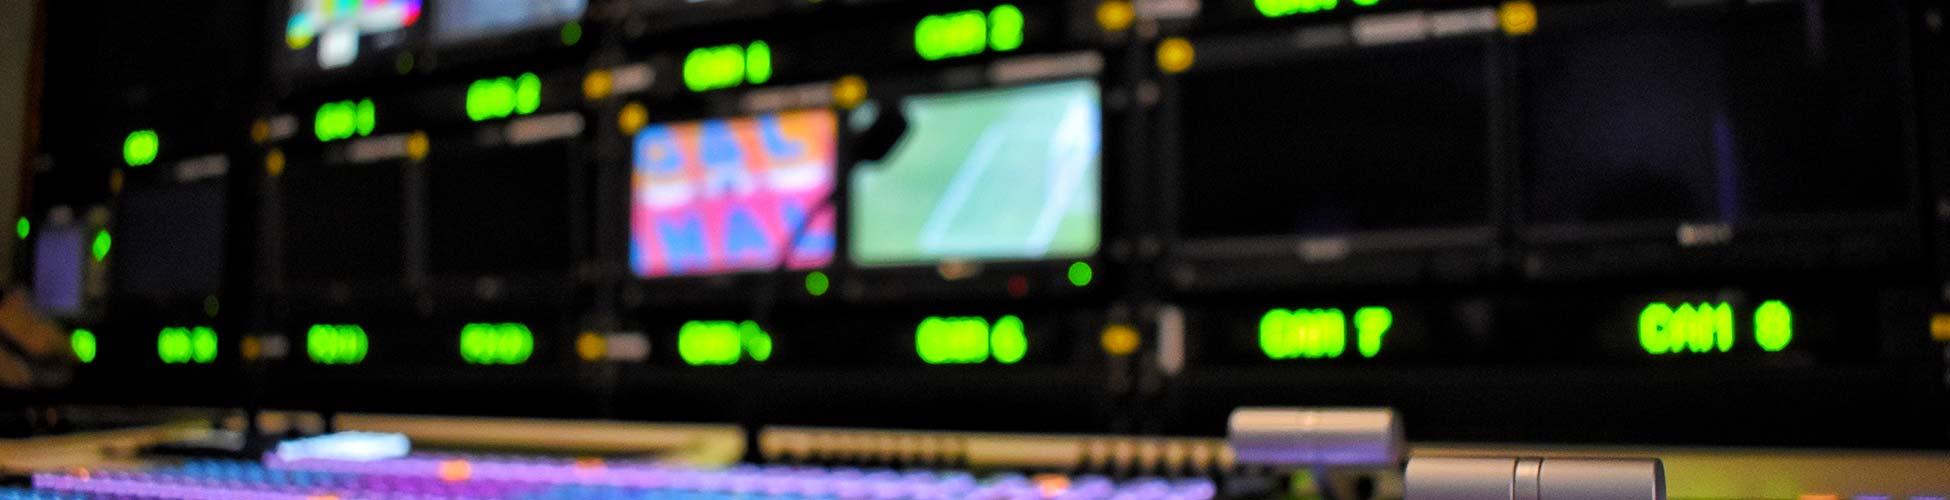 Solutions logicielles de streaming et d'enregistrement audio pour les propriétaires et techniciens de studio de son